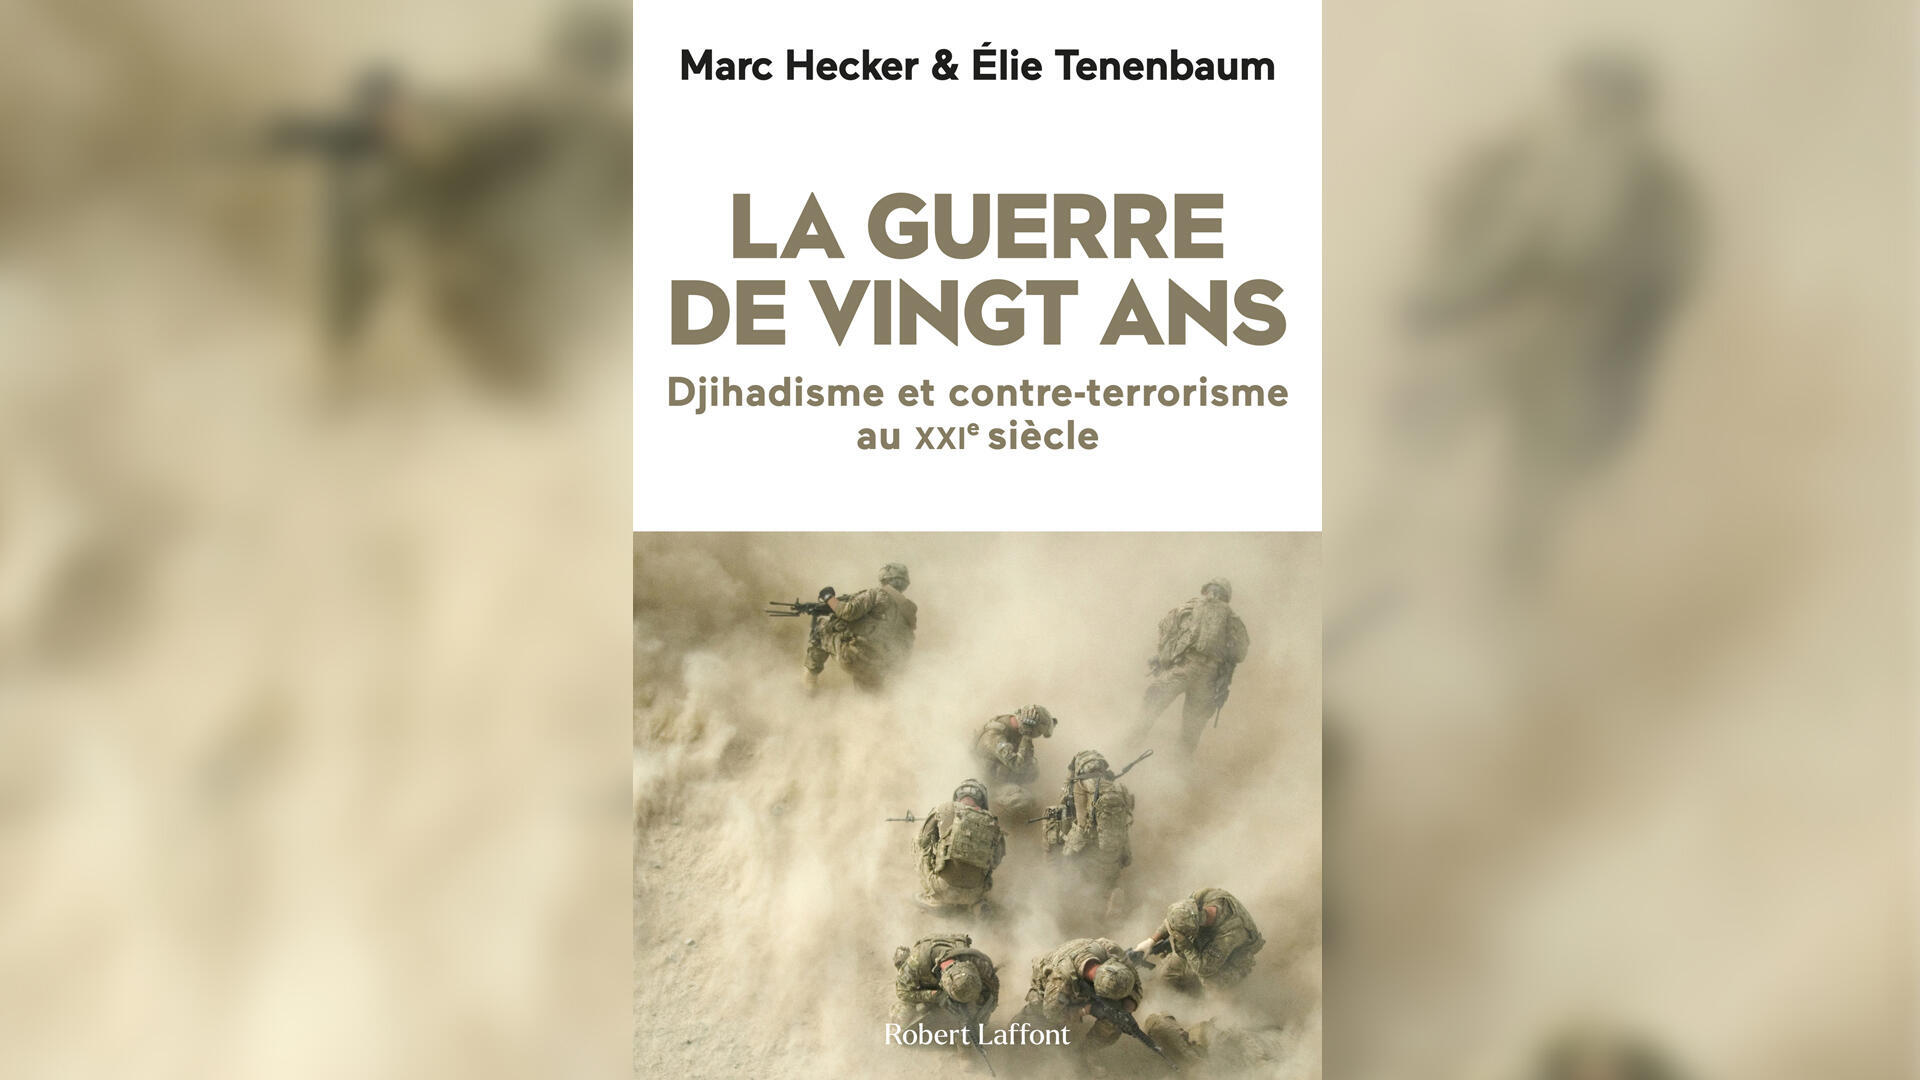 Couverture Guerre de vingt ans_djihadisme_contre-terrorisme - Marc Hecker et Elie Tenenbaum - Robert Laffont